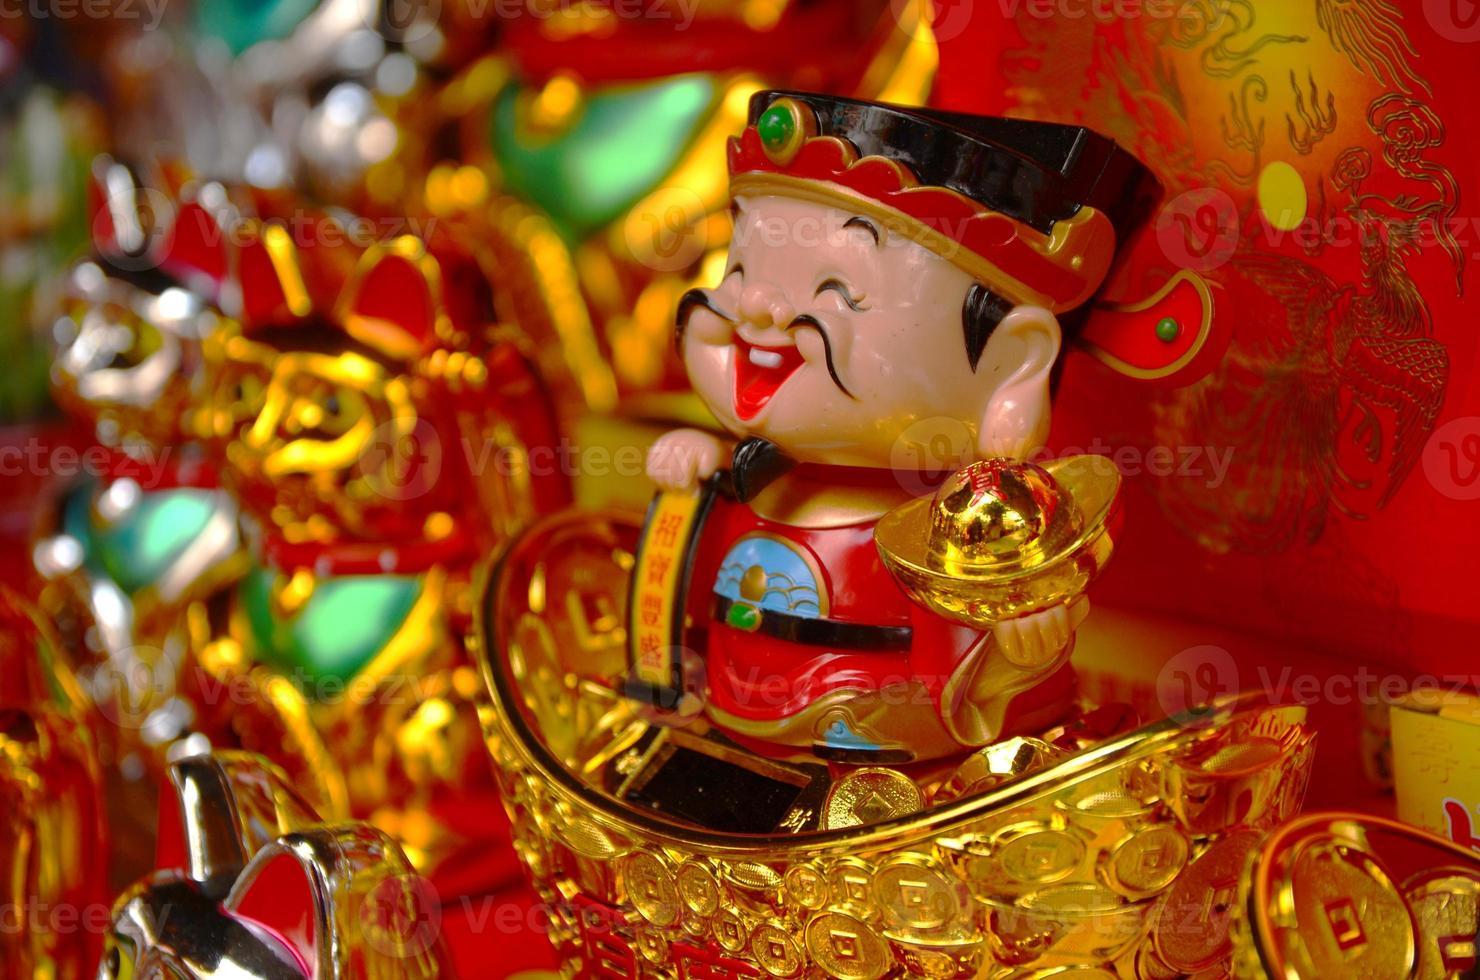 bonecas de ano novo chinês foto